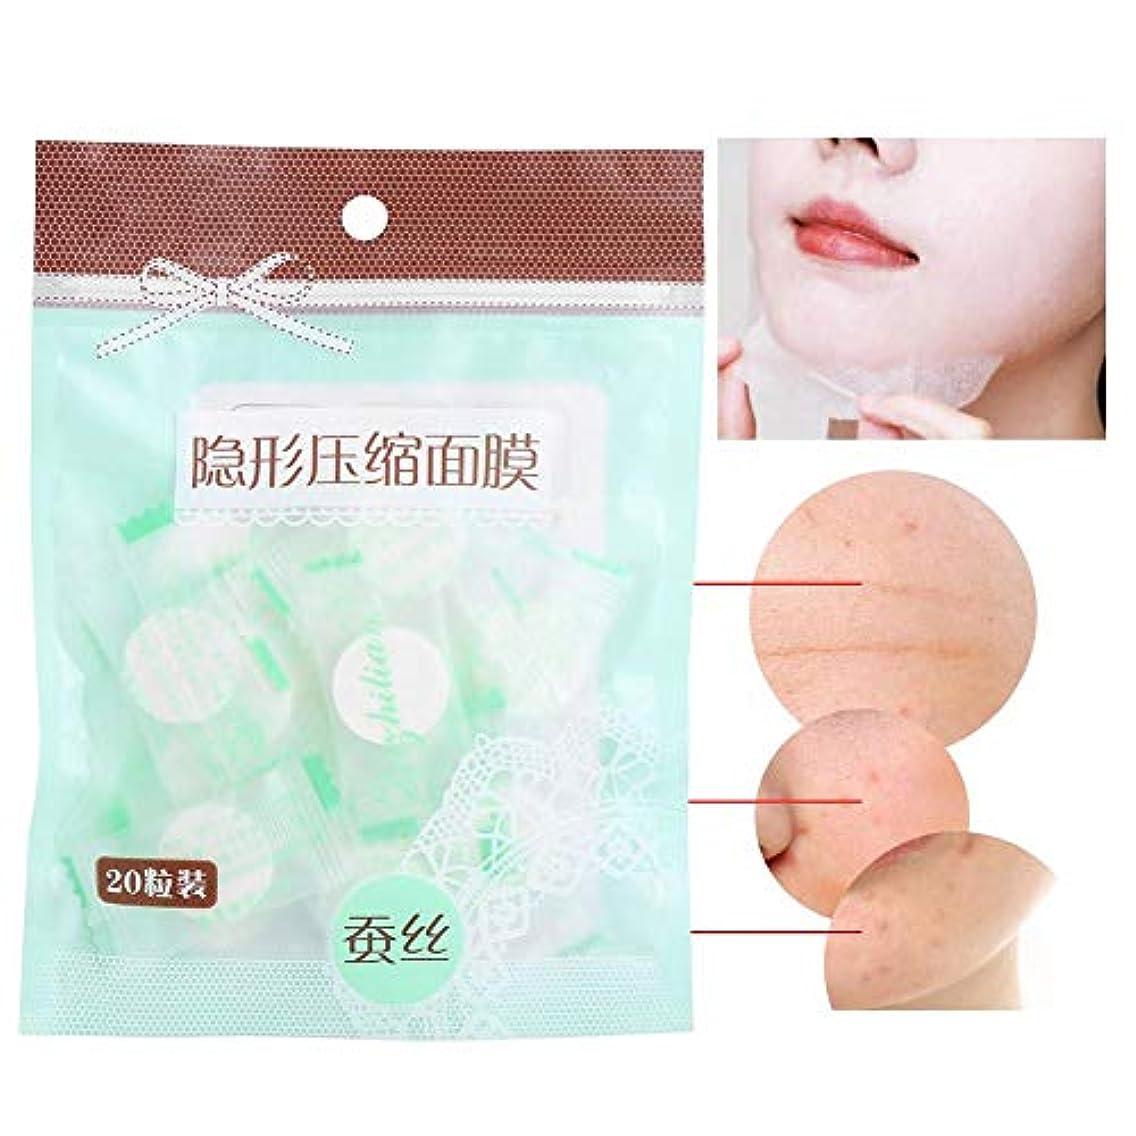 手がかりオークランドペイン圧縮 使い捨て 20枚 シルク ナチュラル 保湿 フェイシャルマスクスキンケア DIY 美容メイクアップマスク